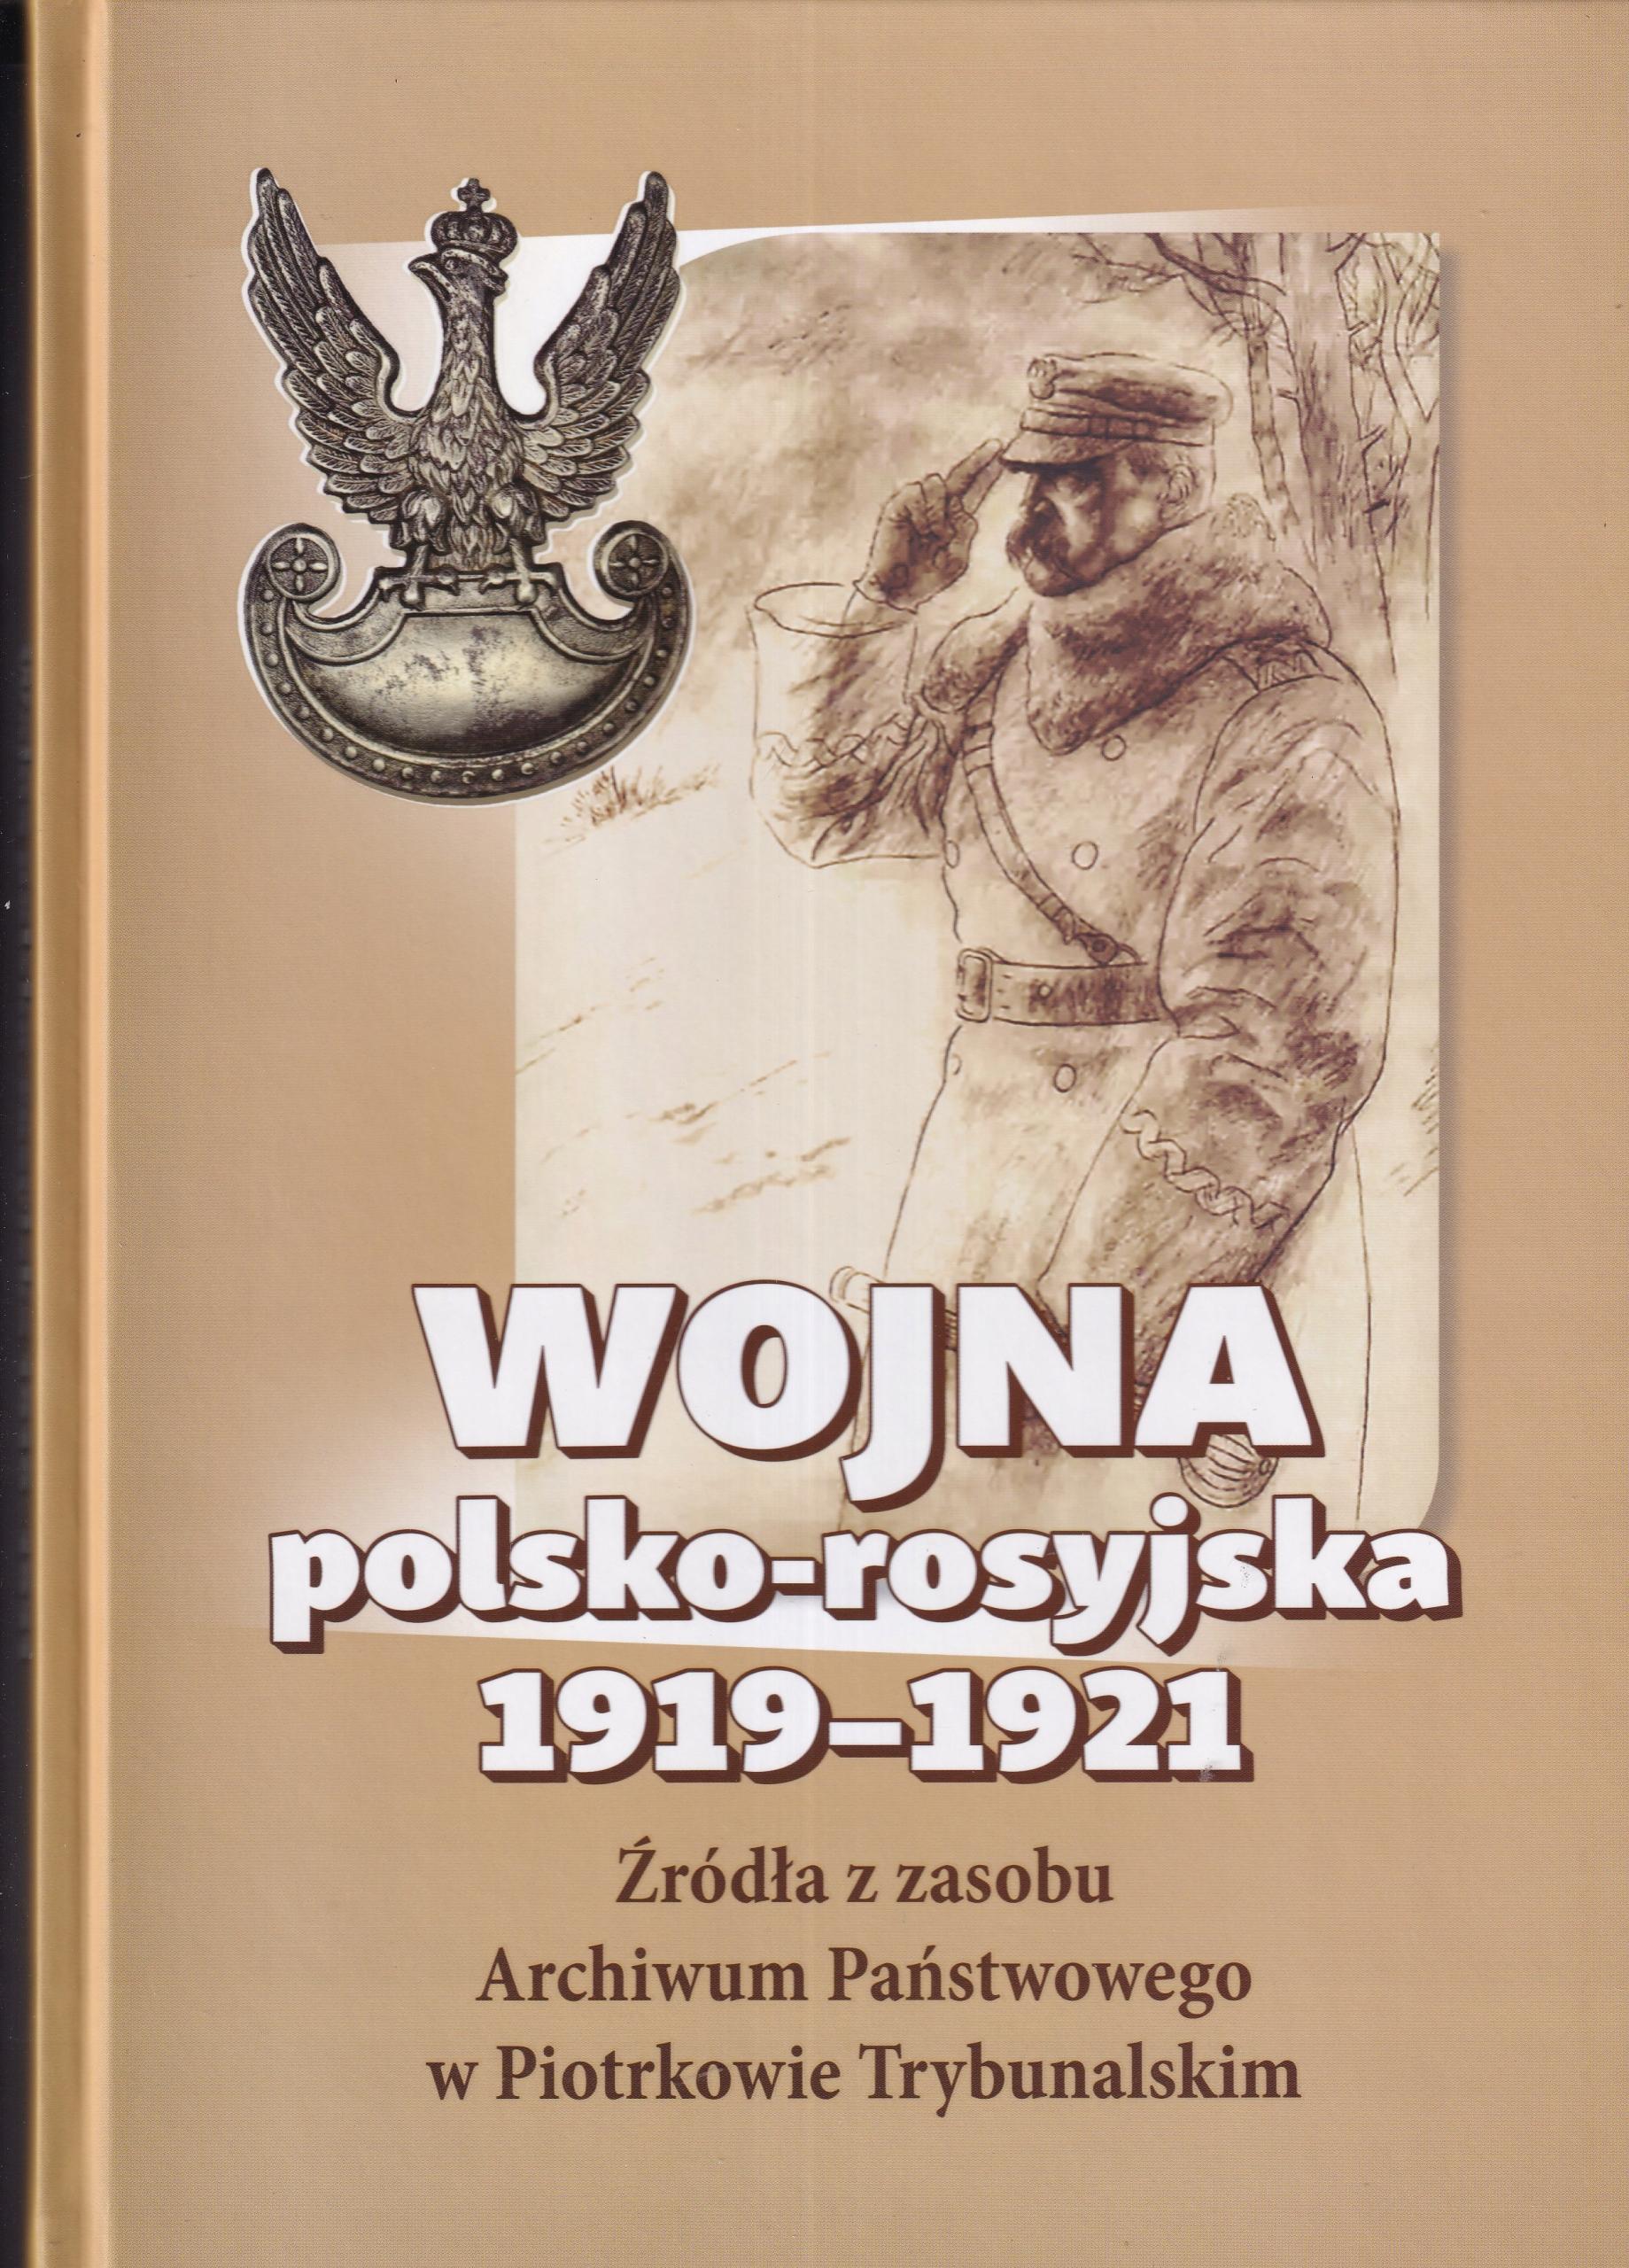 Петркув Польско-русская война 1919-1921 гг.